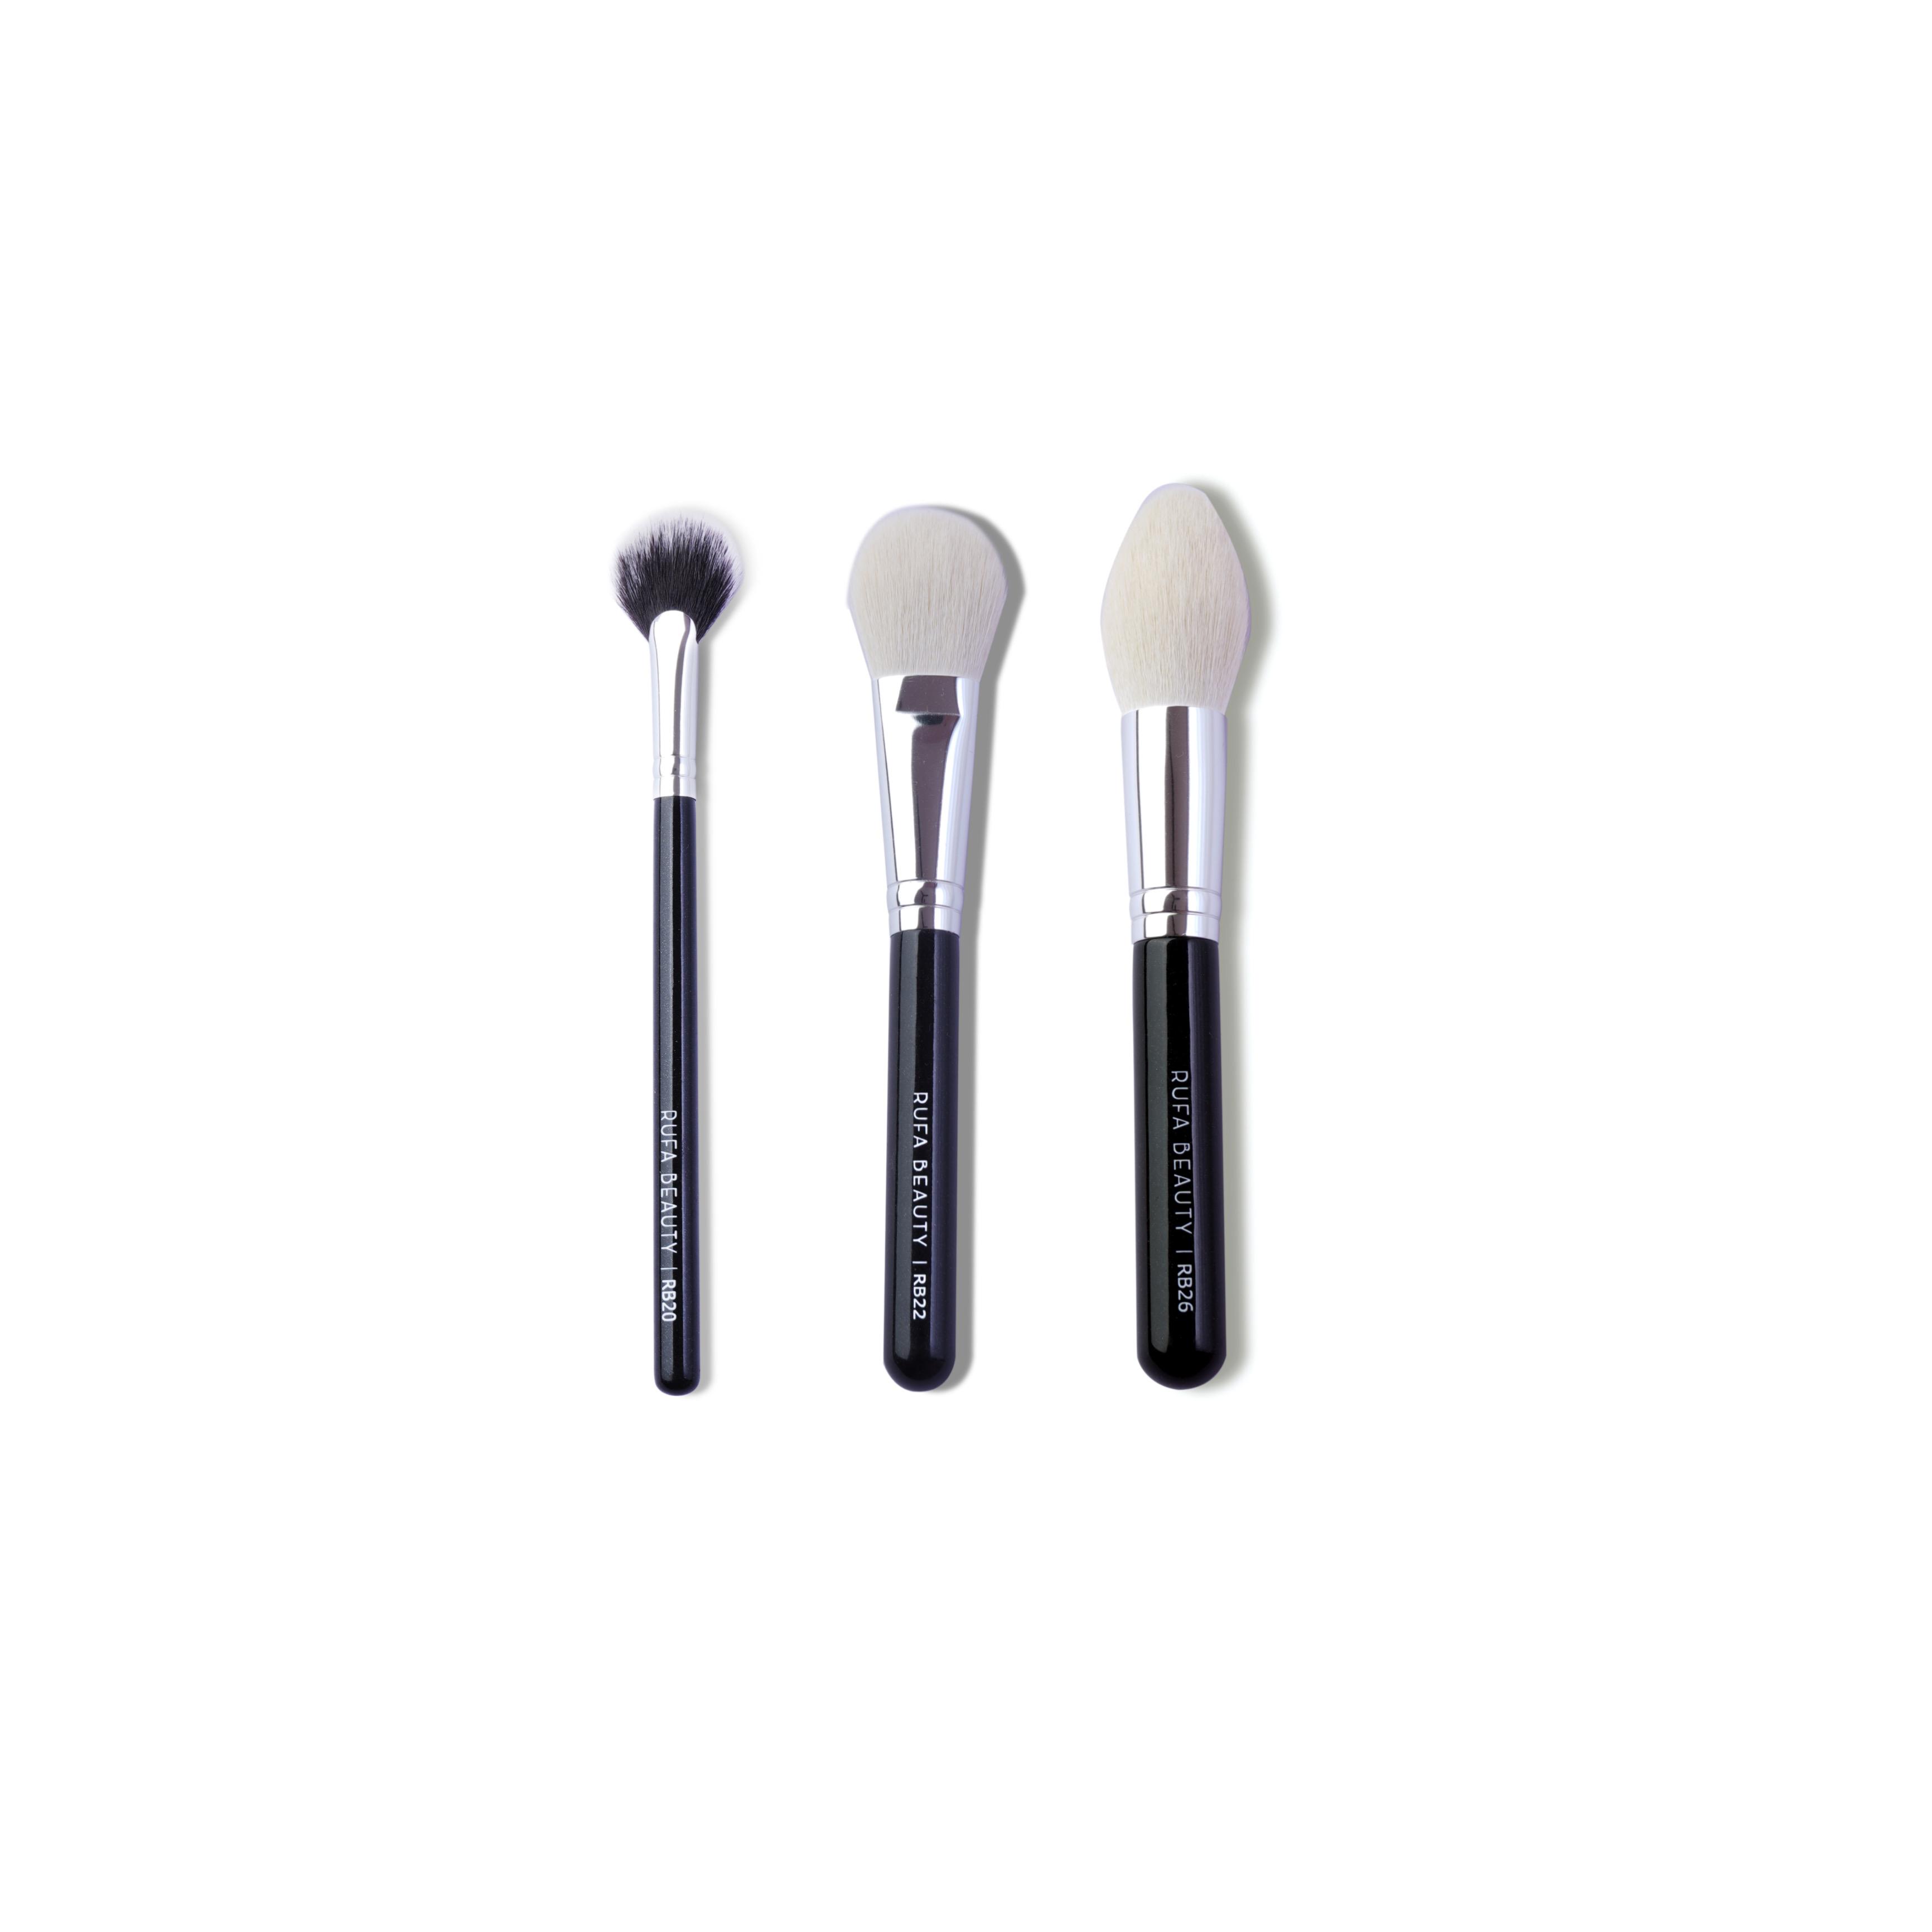 Ace the Base – Powder brush set